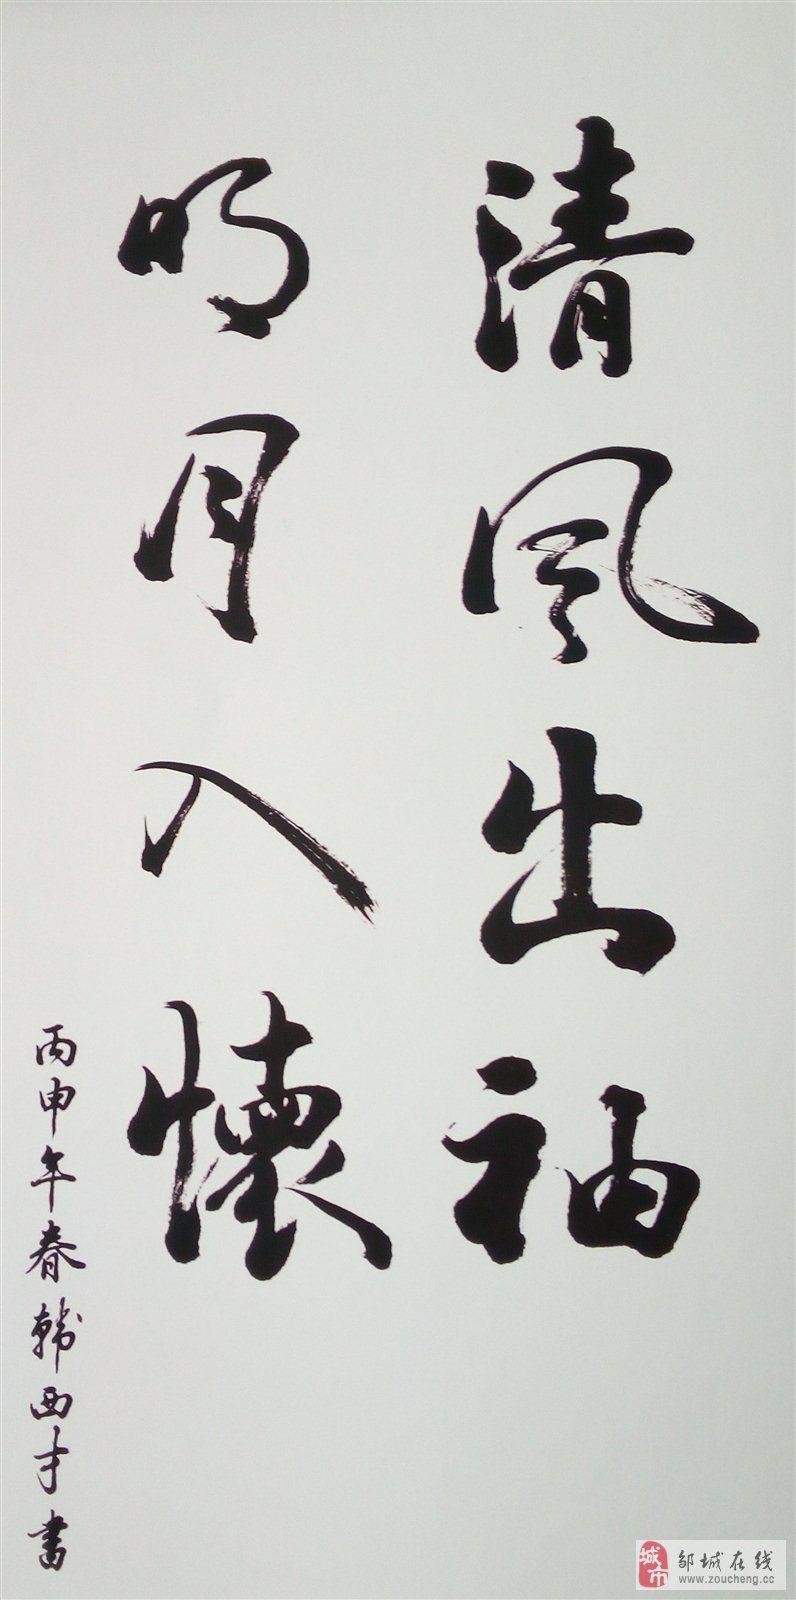 邹城地税局:韩西才先生书法作品欣赏《2》